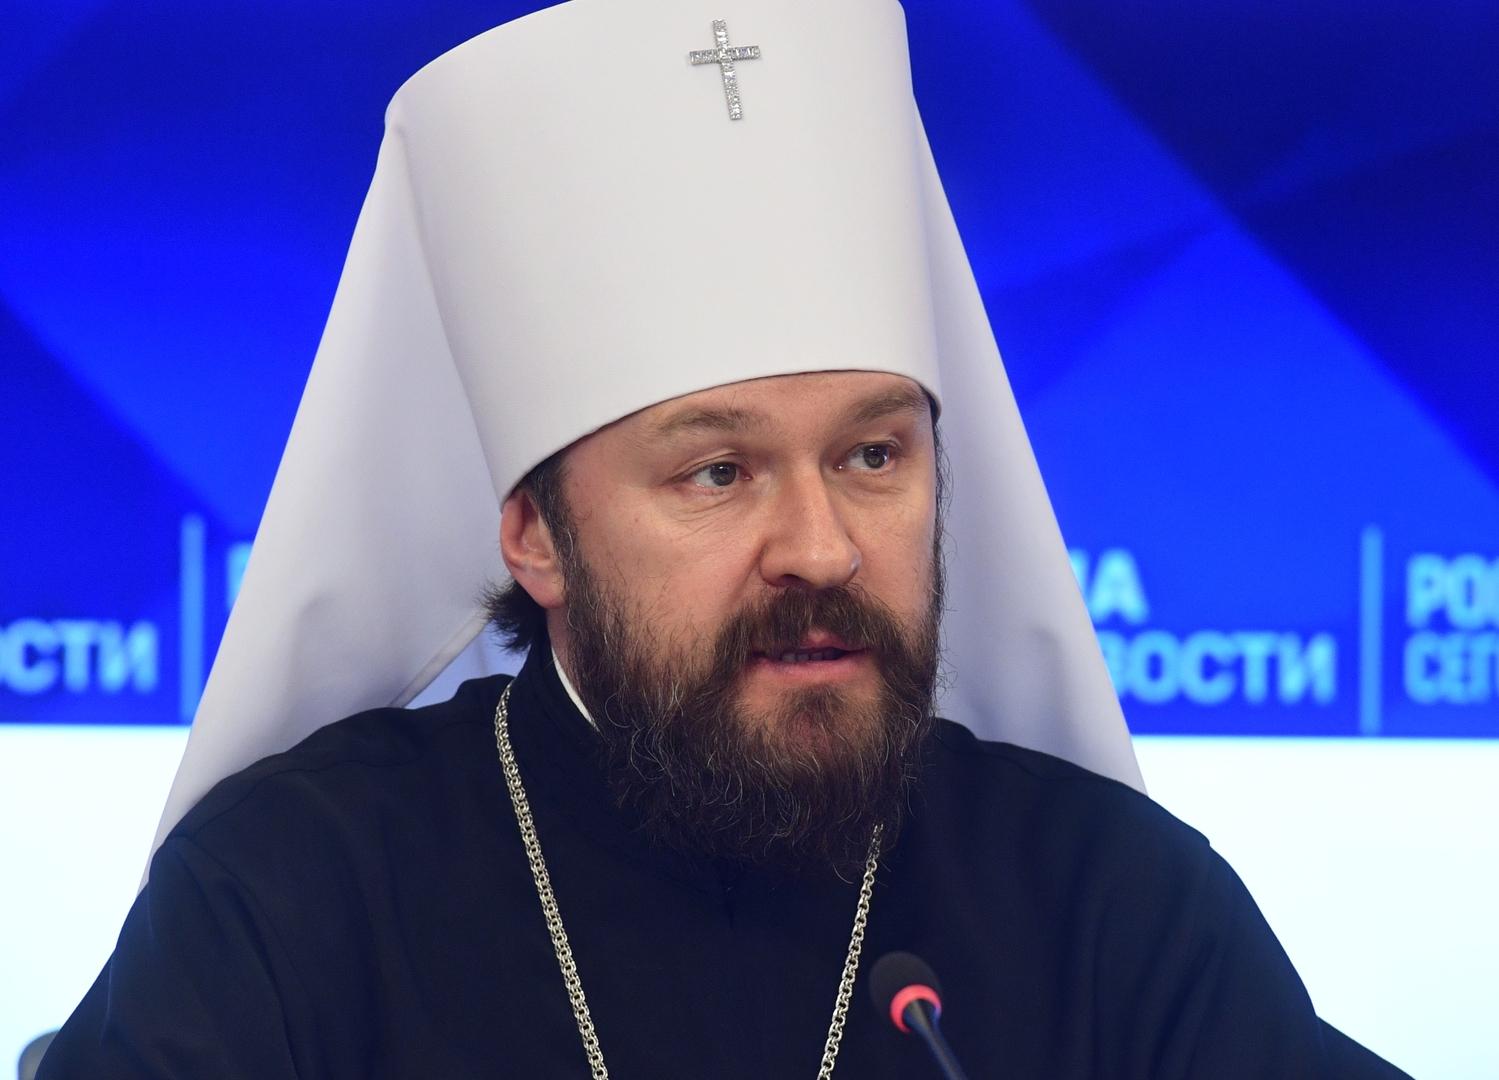 متروبوليتان هيلاريون رئيس إدارة العلاقات الخارجية في بطريركية موسكو